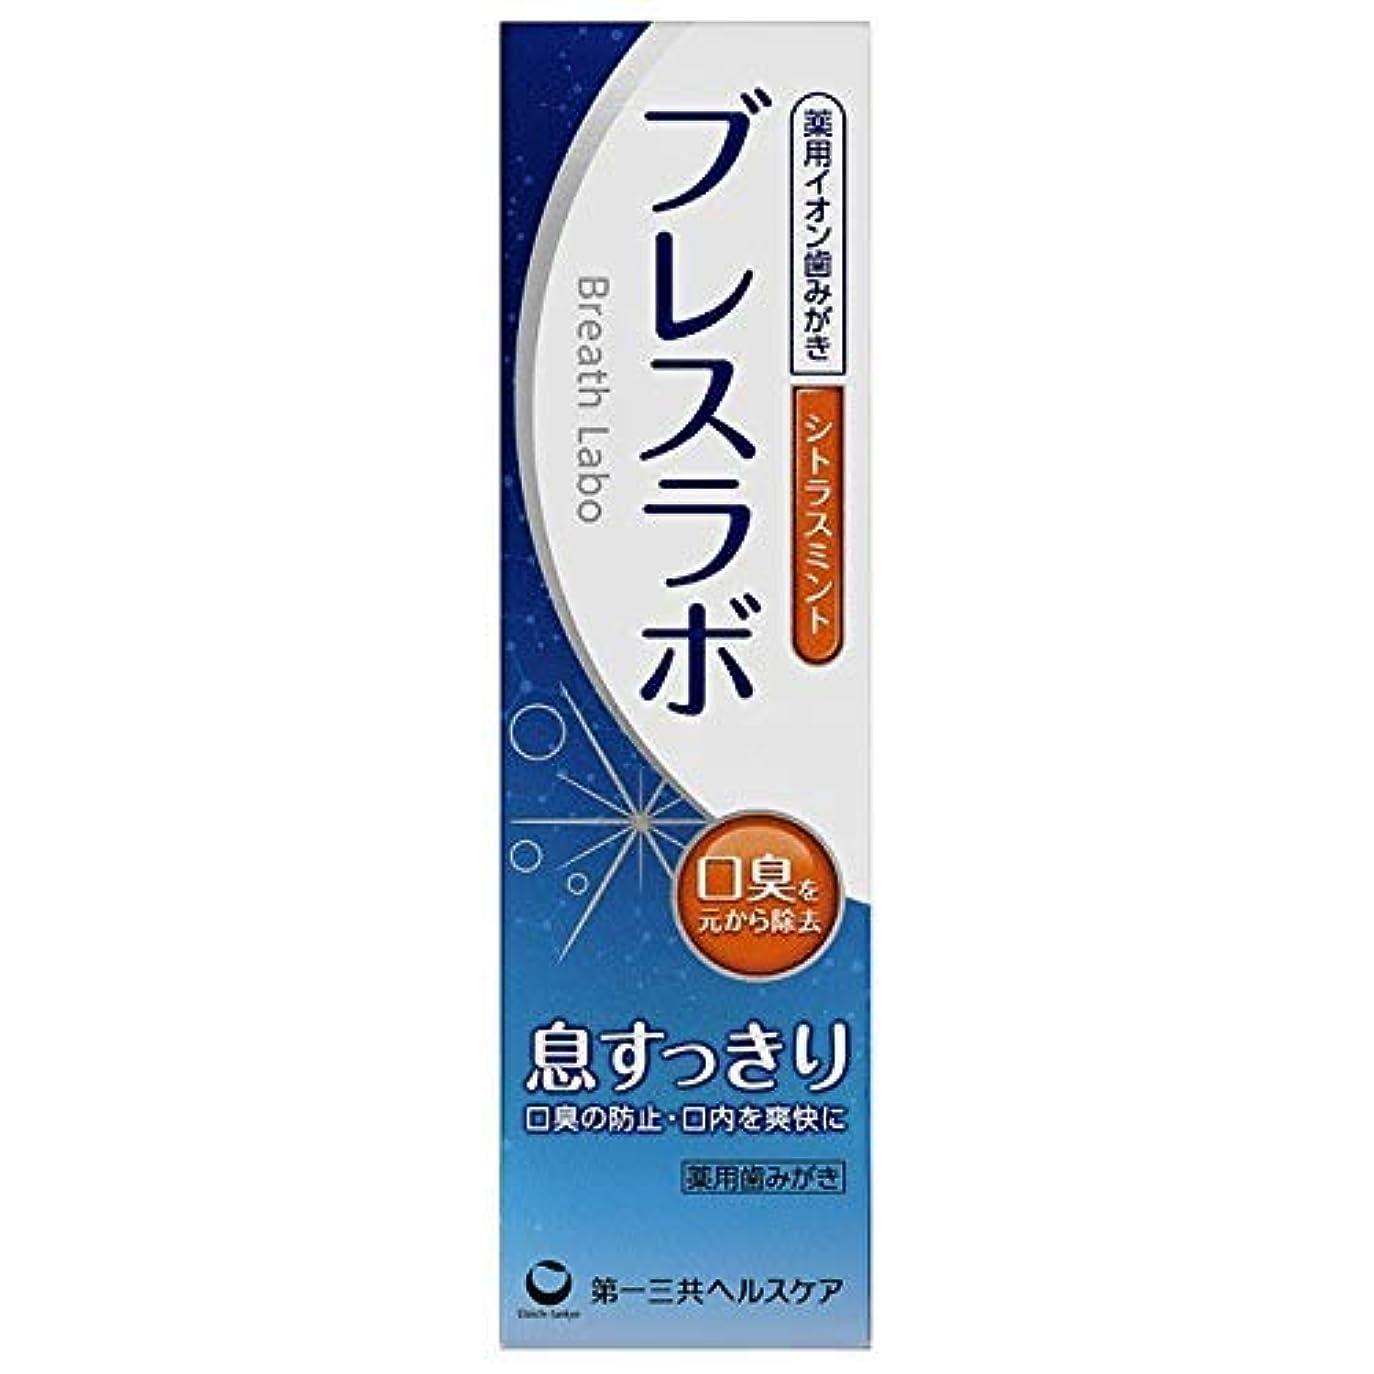 強調宇宙の不器用【6個セット】ブレスラボ シトラスミント 90g